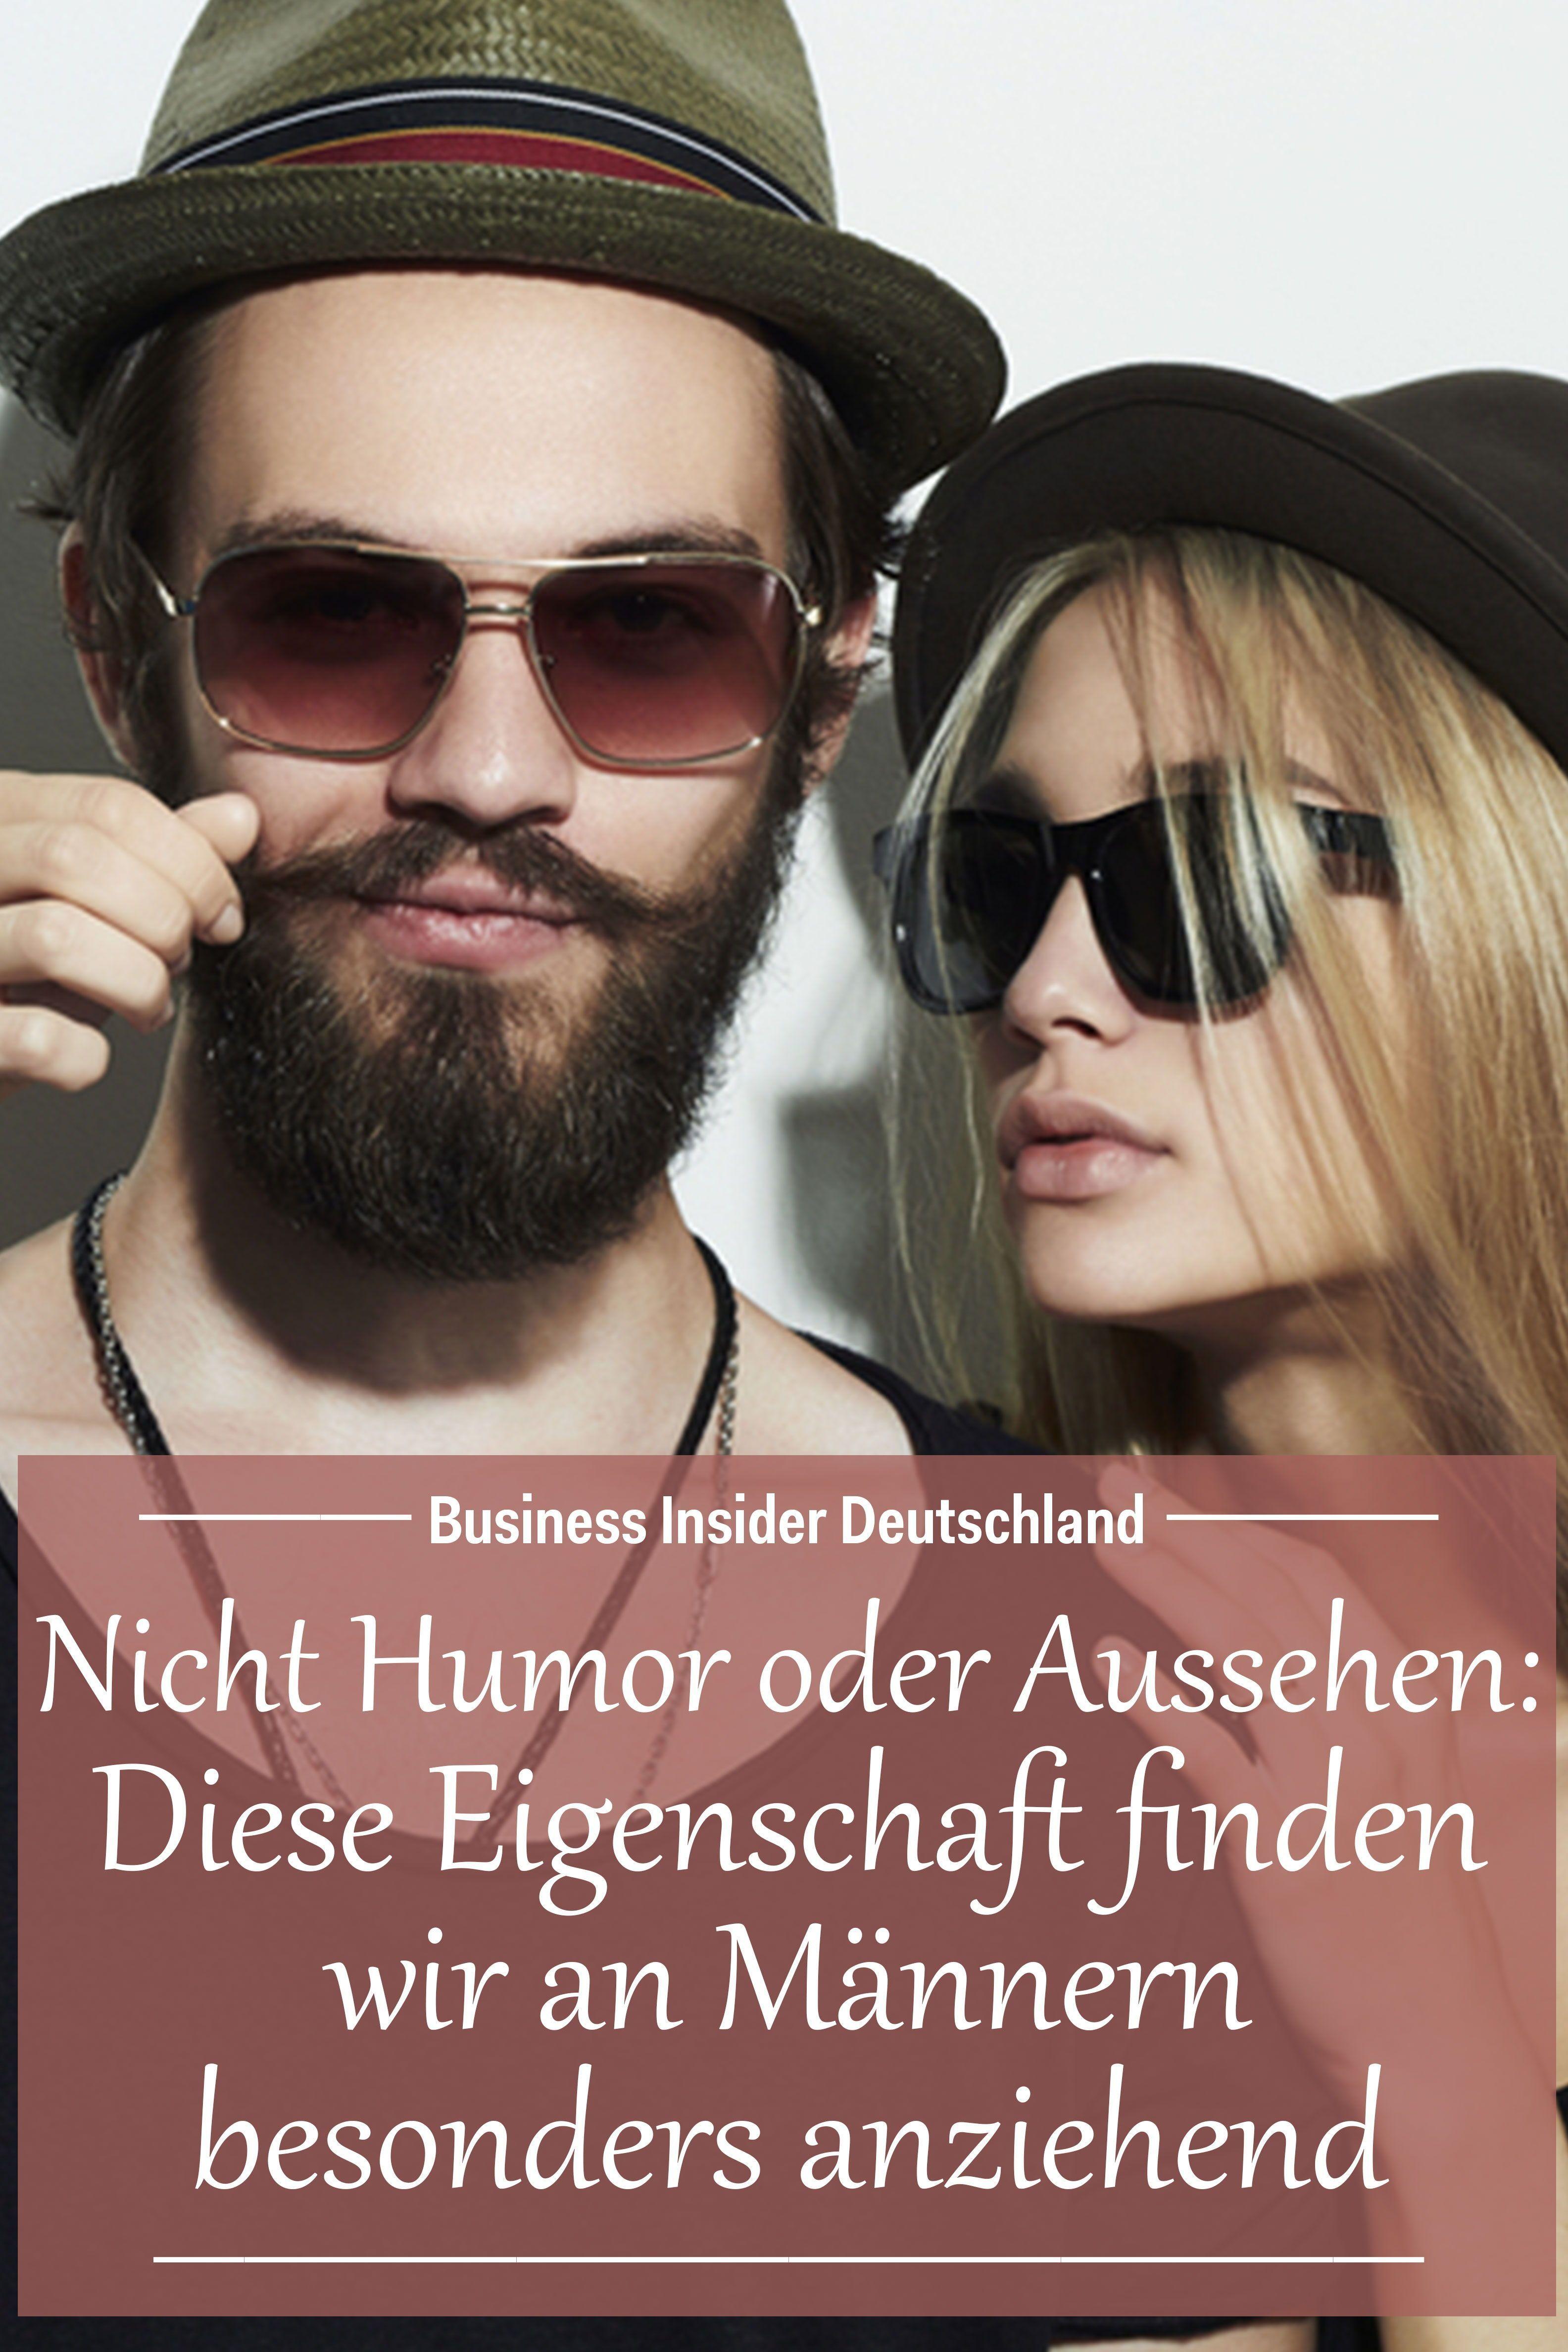 Warum deutsche Männer nicht flirten? Ein deutscher Mann kontert